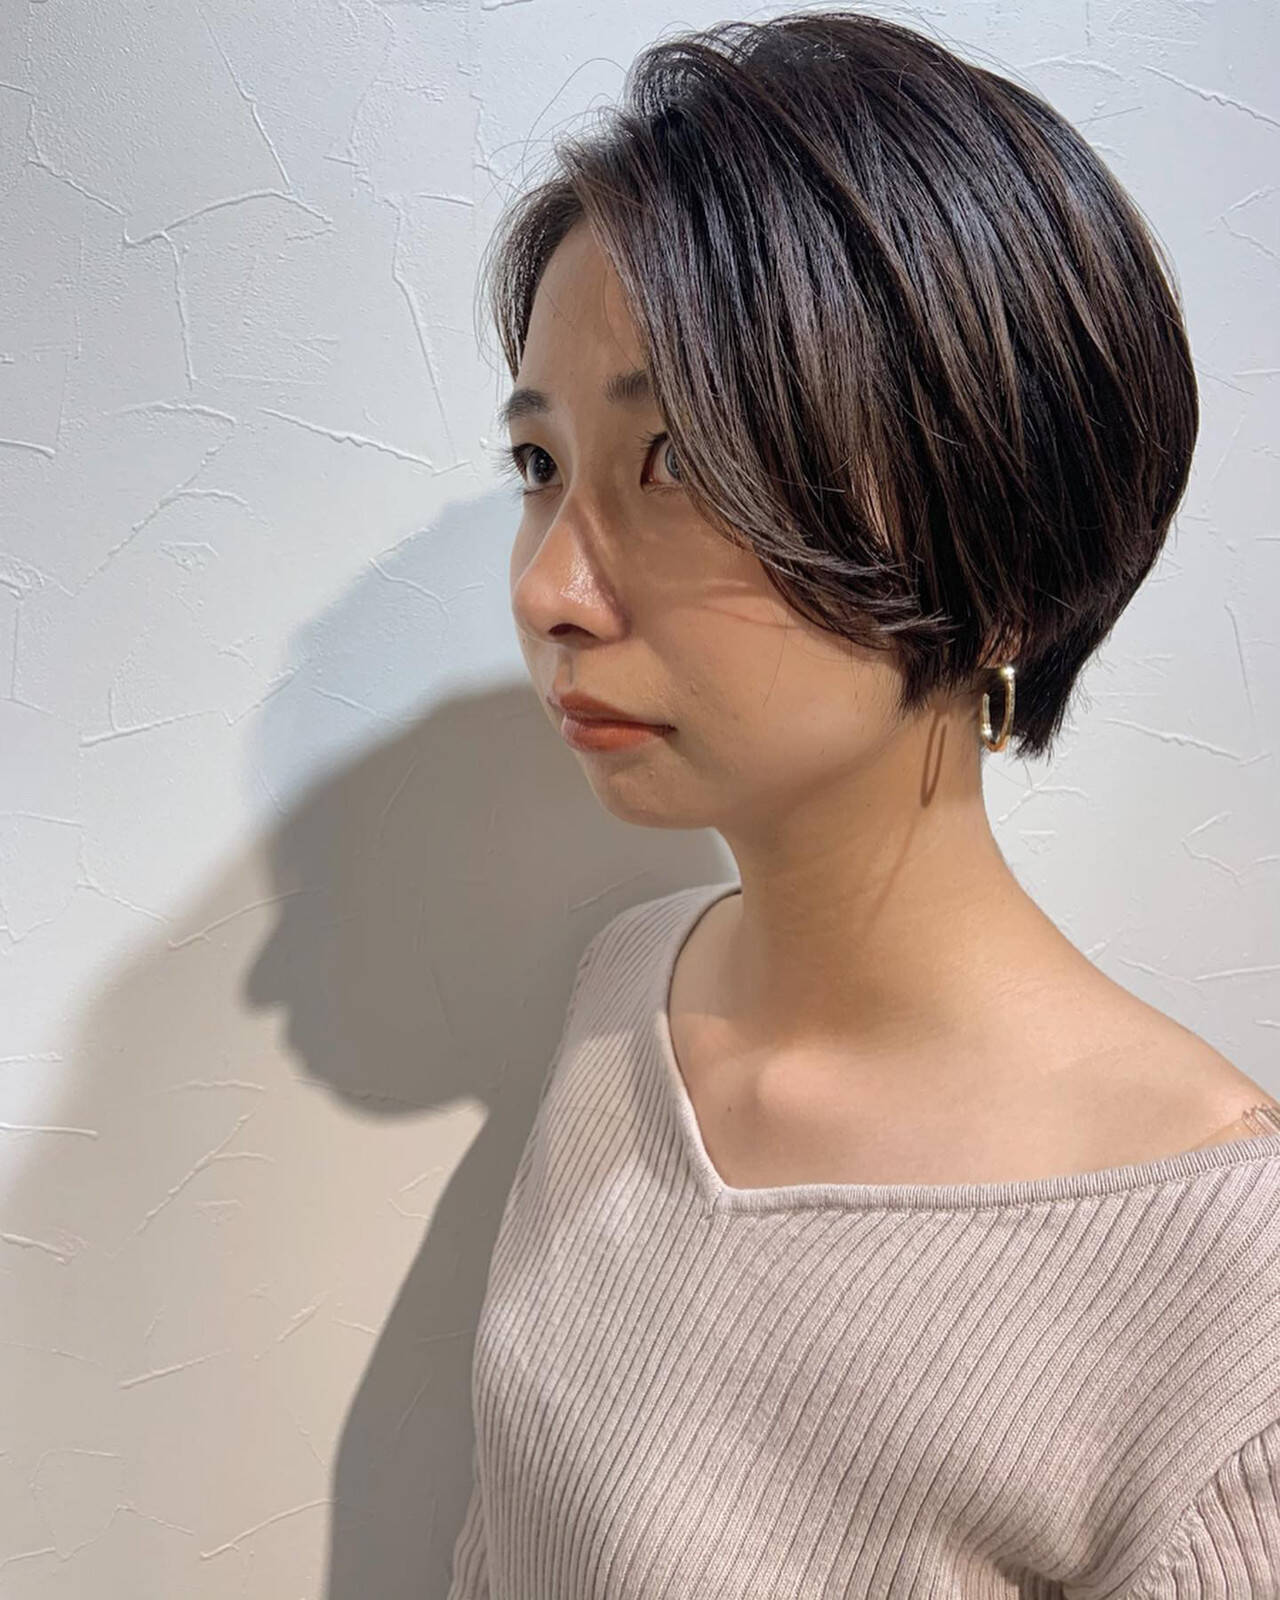 マッシュショート ショートボブ ハンサムショート ショートヘアスタイルや髪型の写真・画像